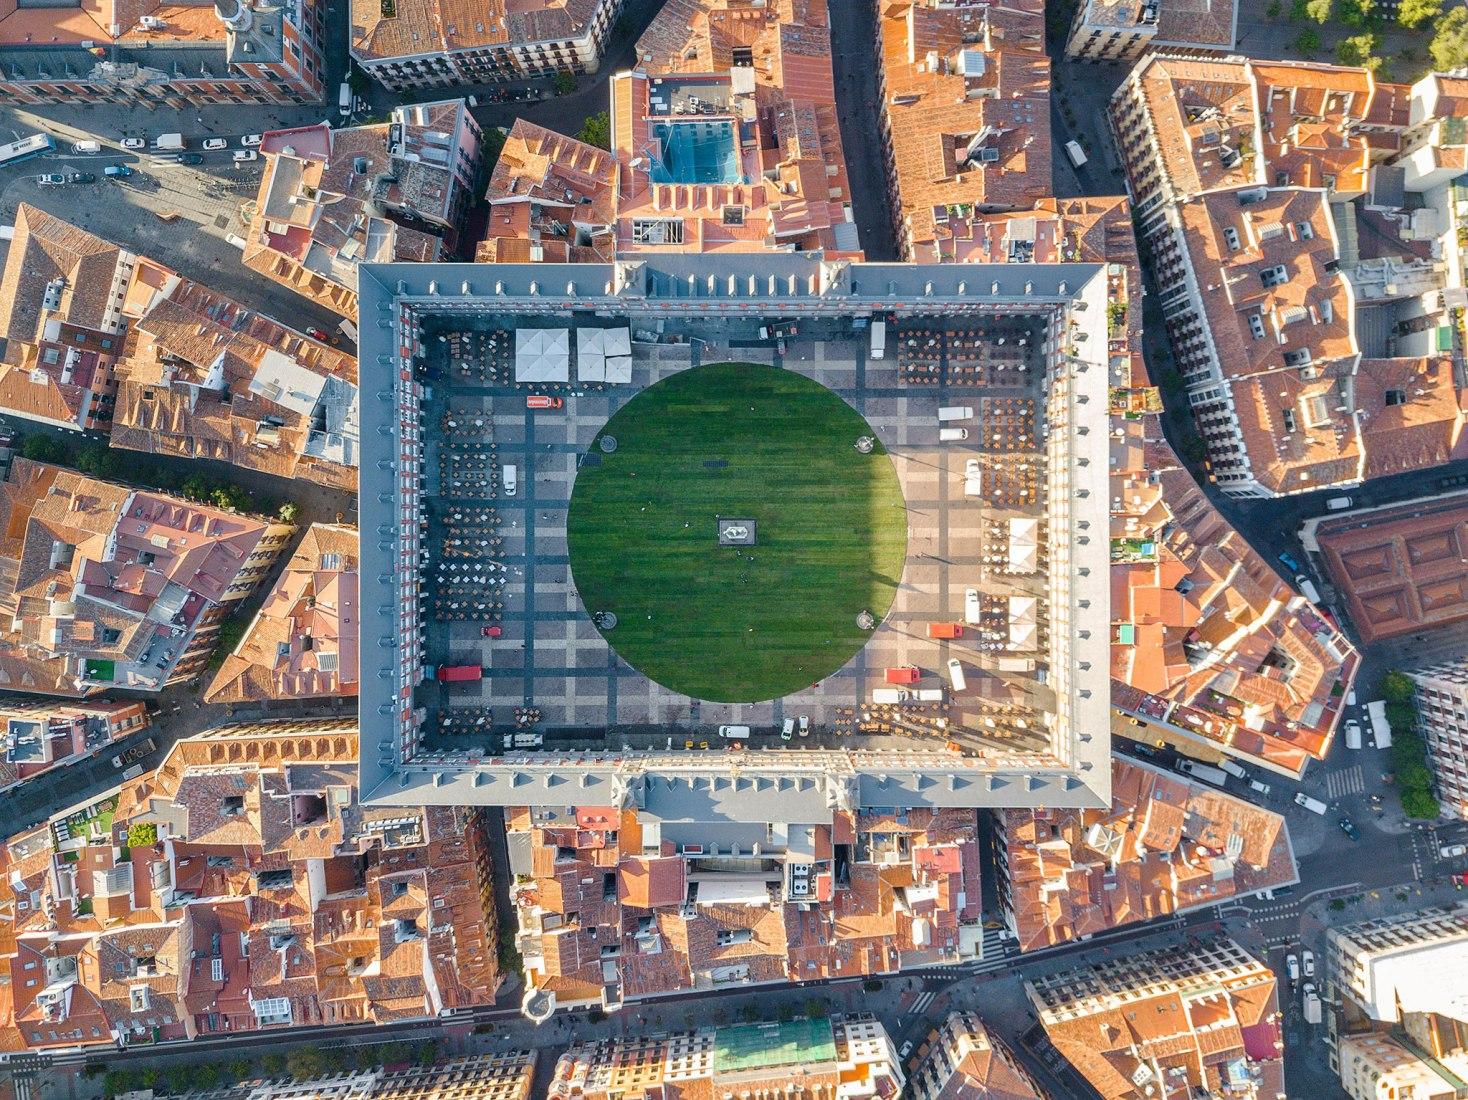 Foto aérea. CESPED en la Plaza Mayor por SpY. Cortesía de SpY